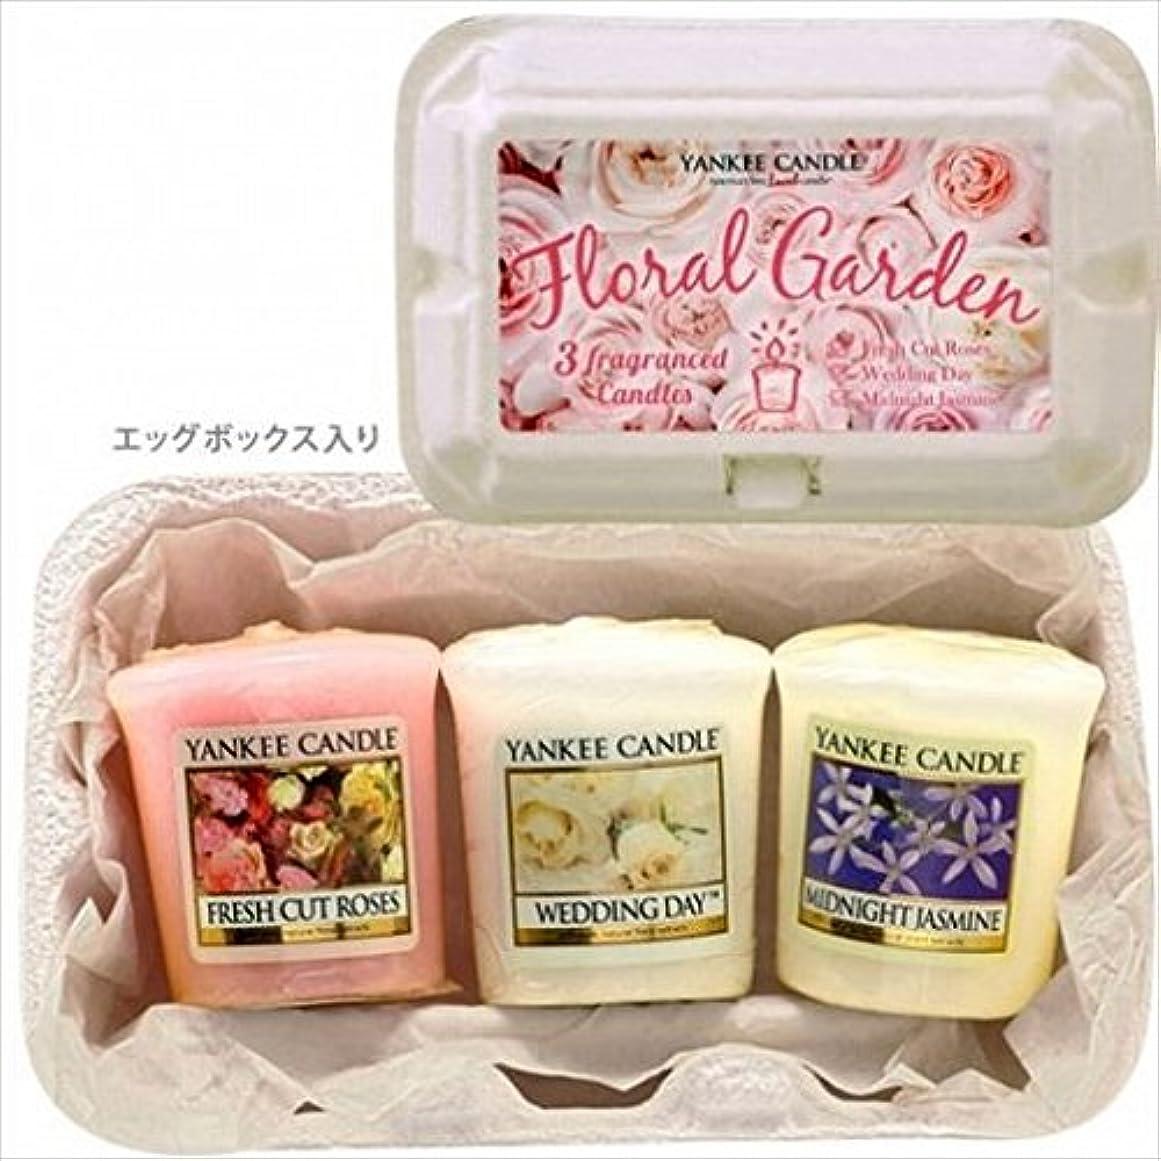 負荷心配お風呂YANKEE CANDLE(ヤンキーキャンドル) YANKEE CANDLE サンプラーアソート 「 フローラルガーデン 」(K5112001)